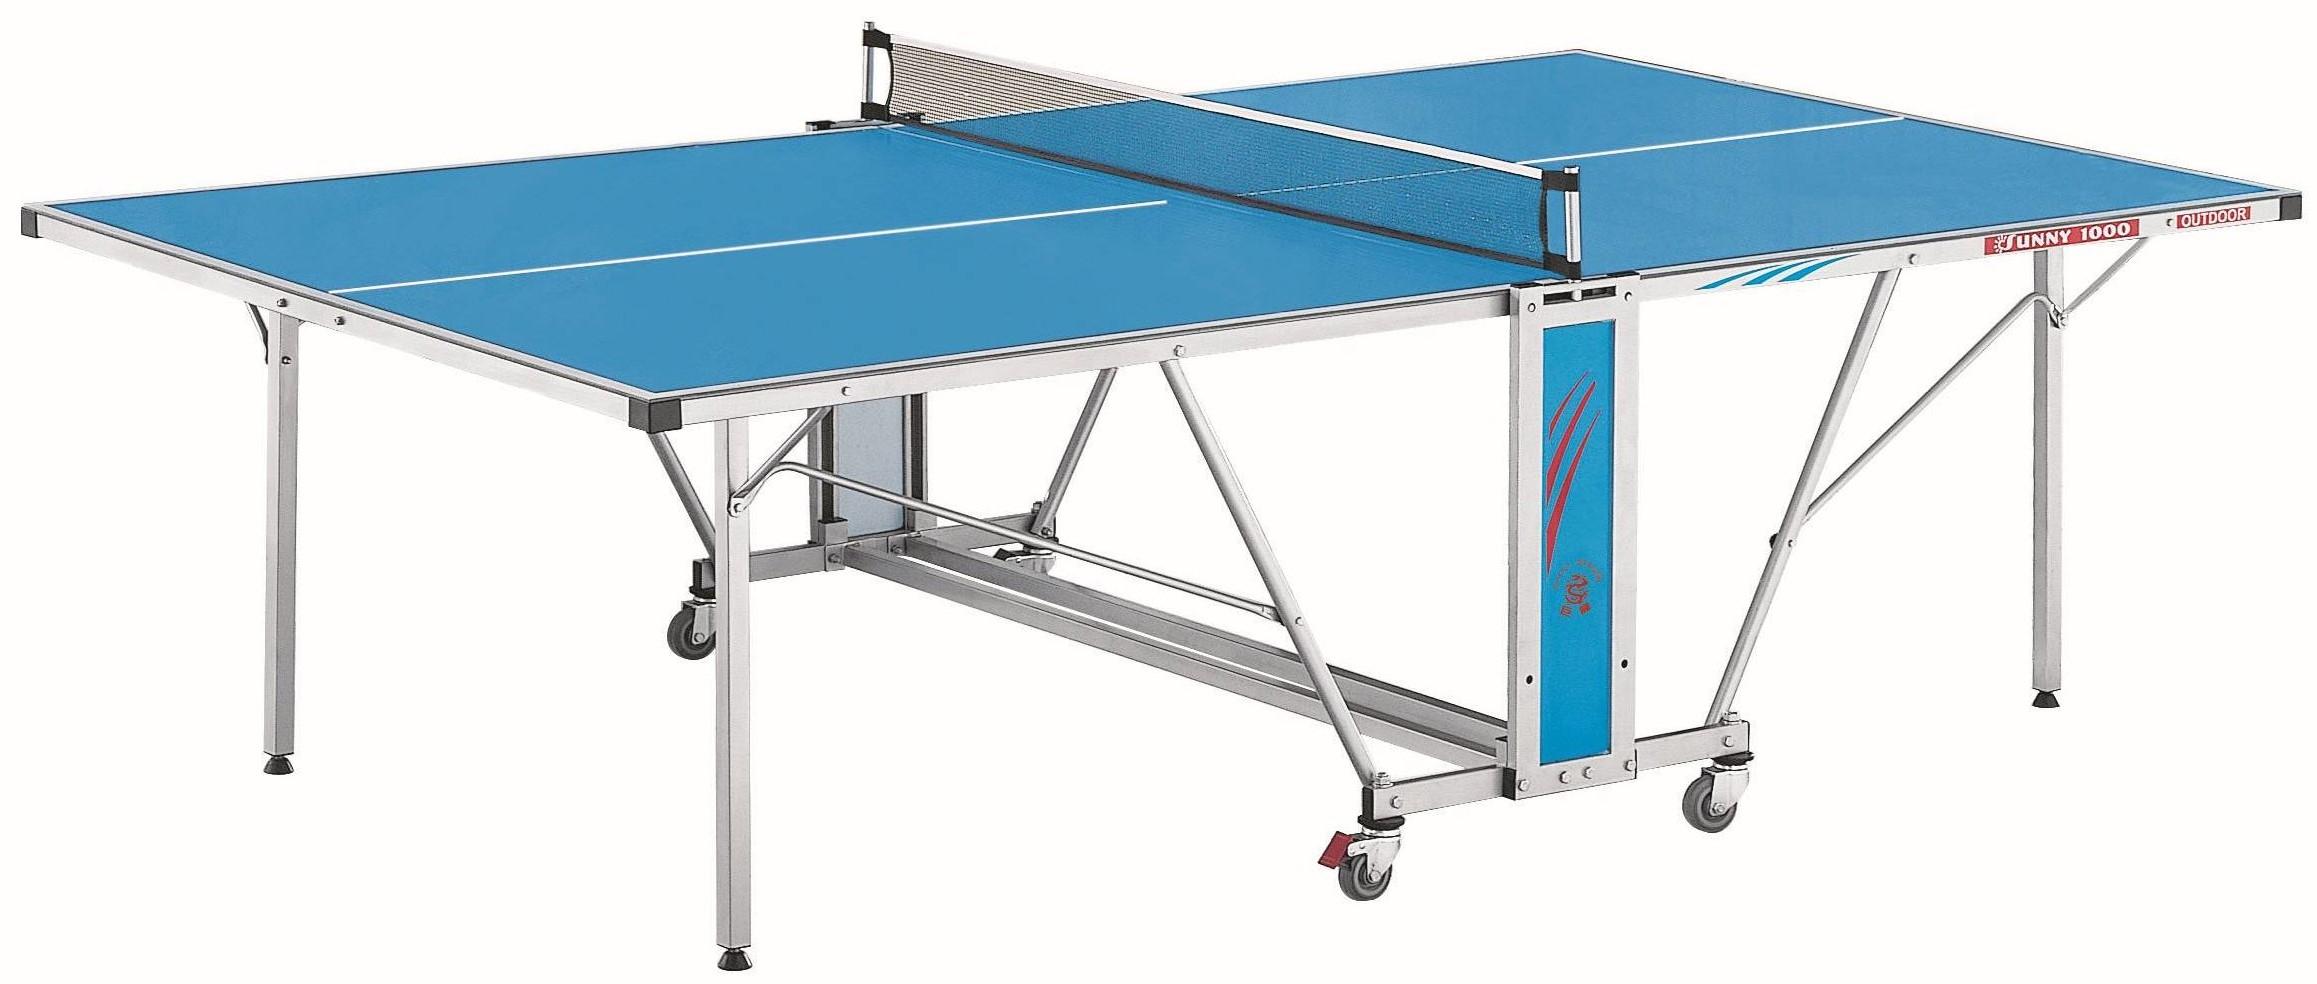 Теннисный стол Giant Dragon Sunny 1000